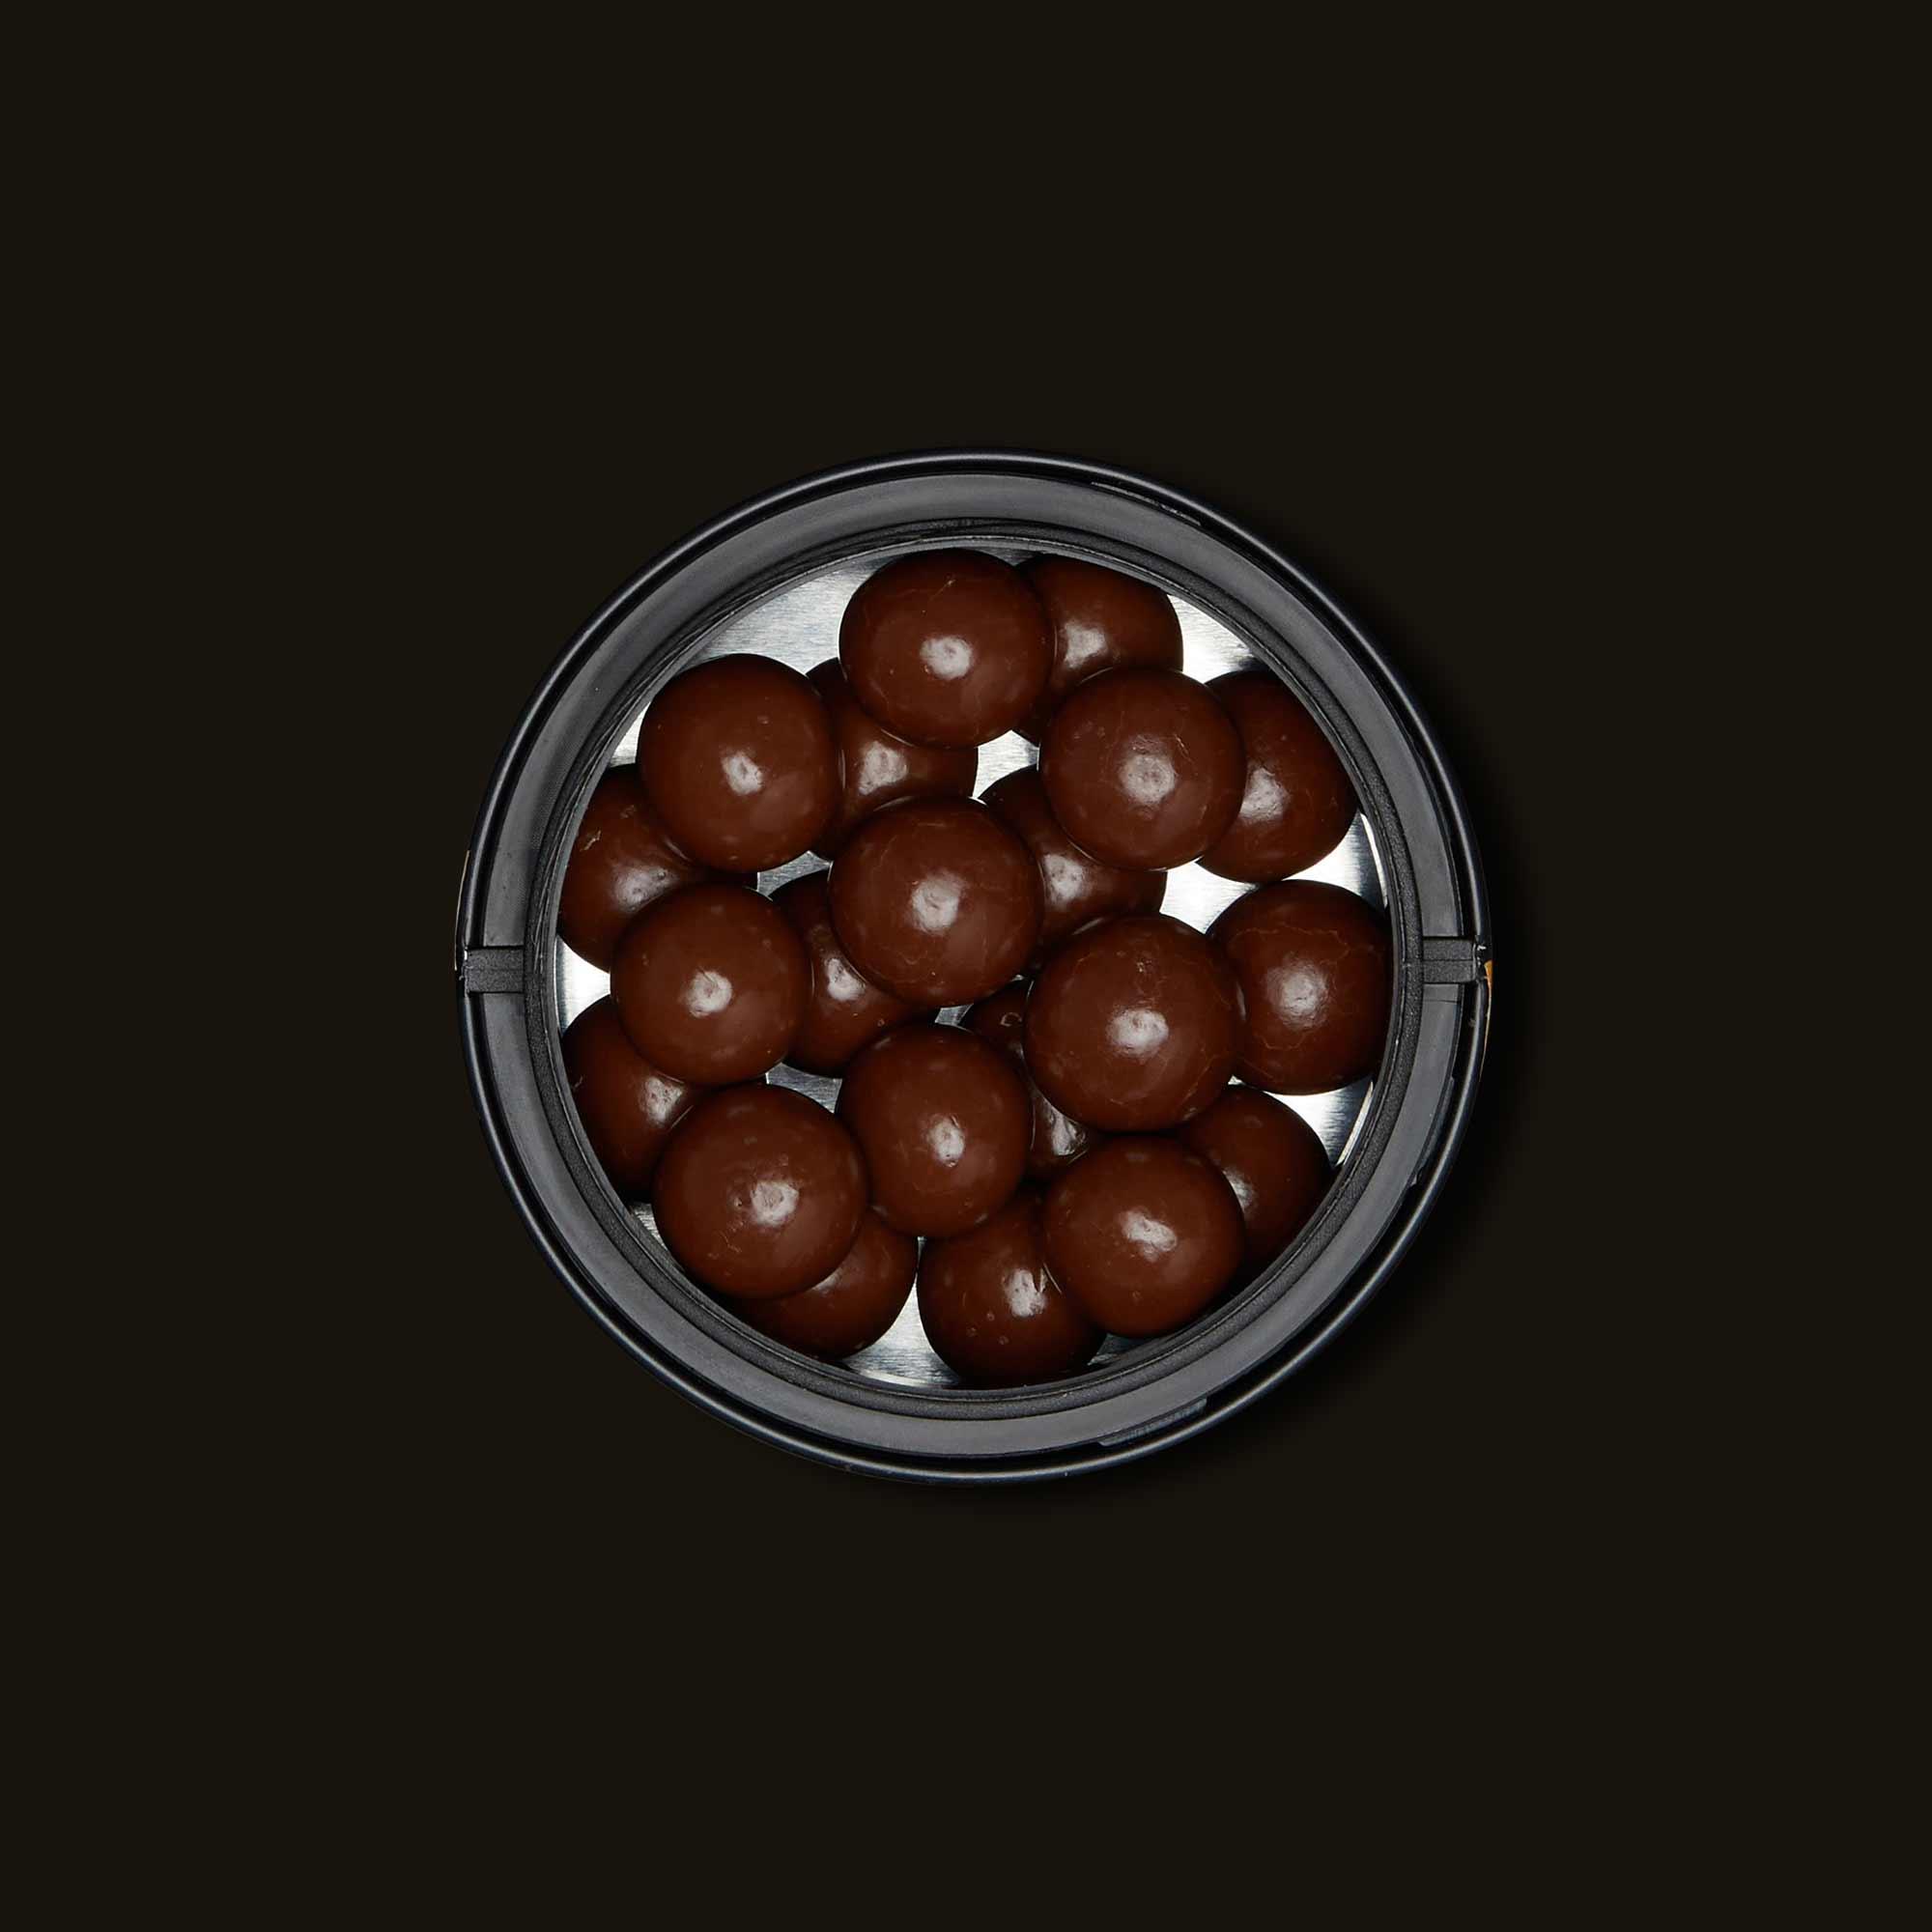 Kiva Confections Terra Sea Salt Caramel Bites